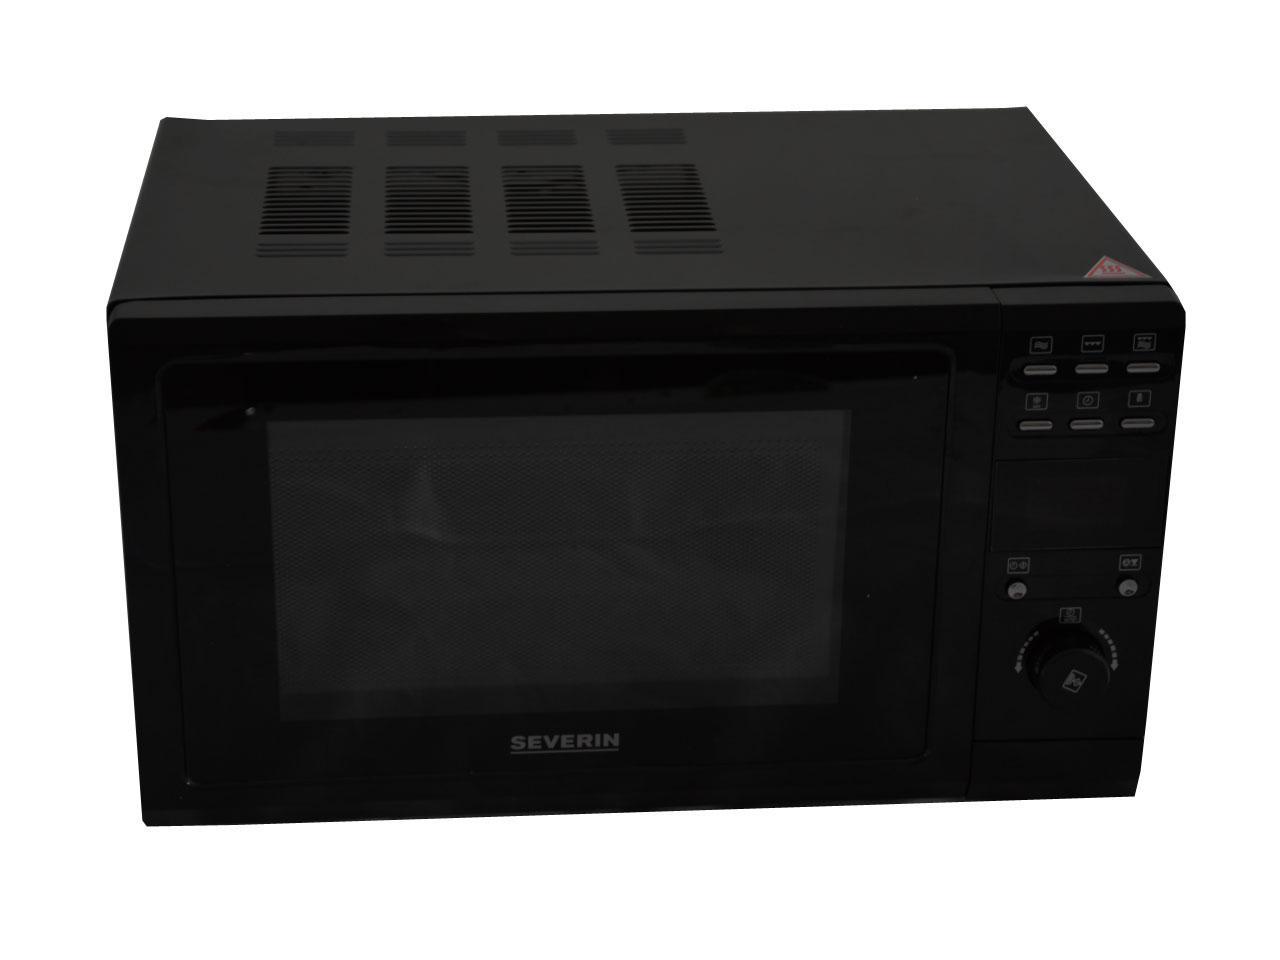 SEVERIN MW 7854, černá